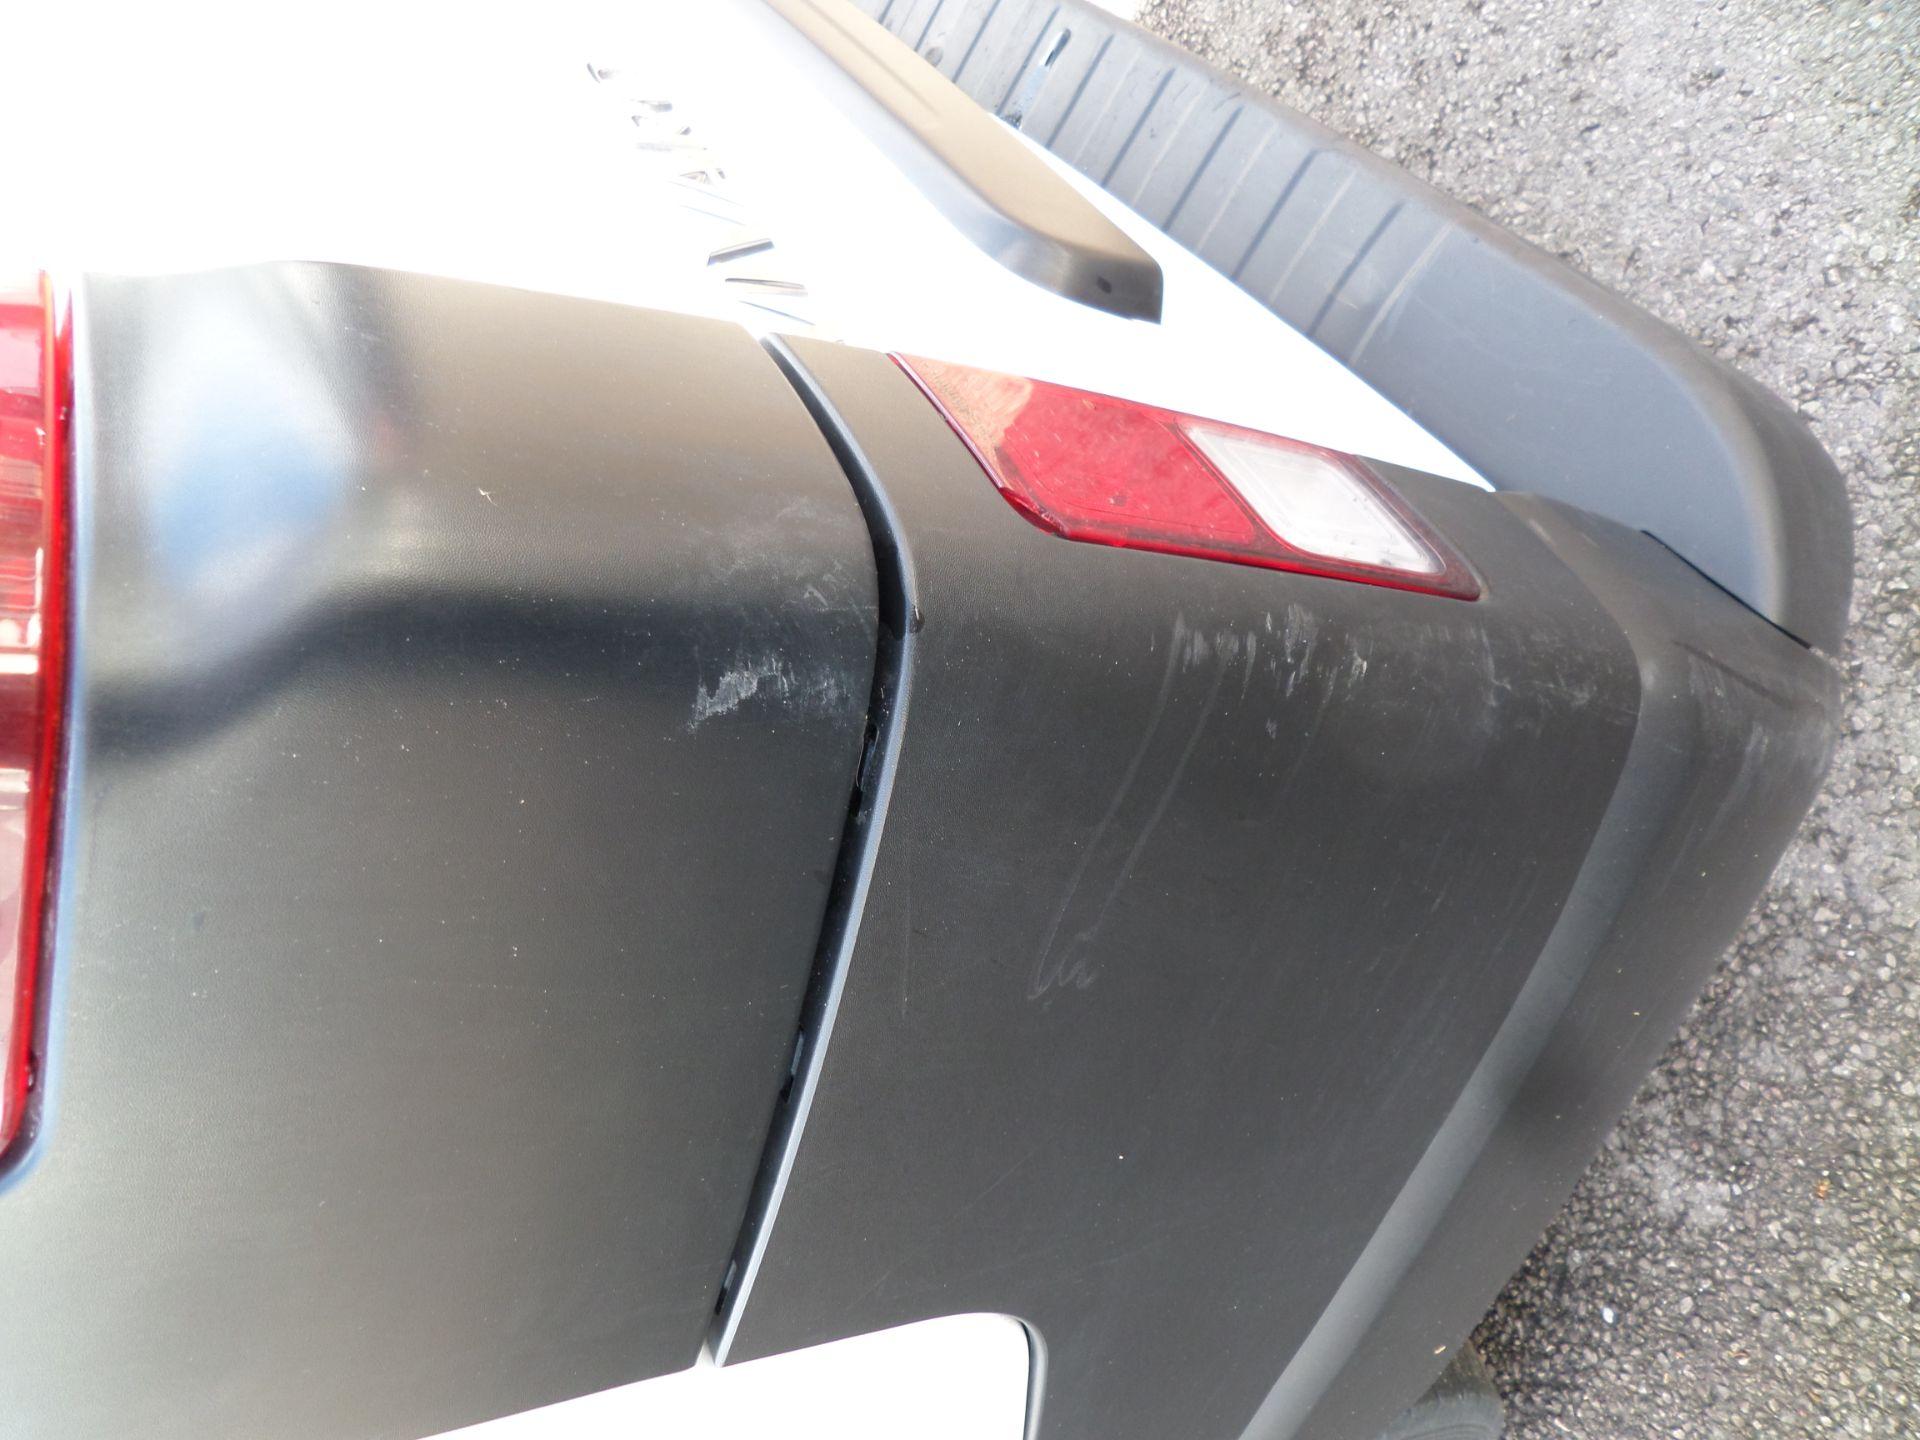 2017 Vauxhall Vivaro 2900 1.6Cdti Biturbo 125Ps H1 Combi 9 Seat (NO VAT) 70mph Limited (DY17UTV) Image 21